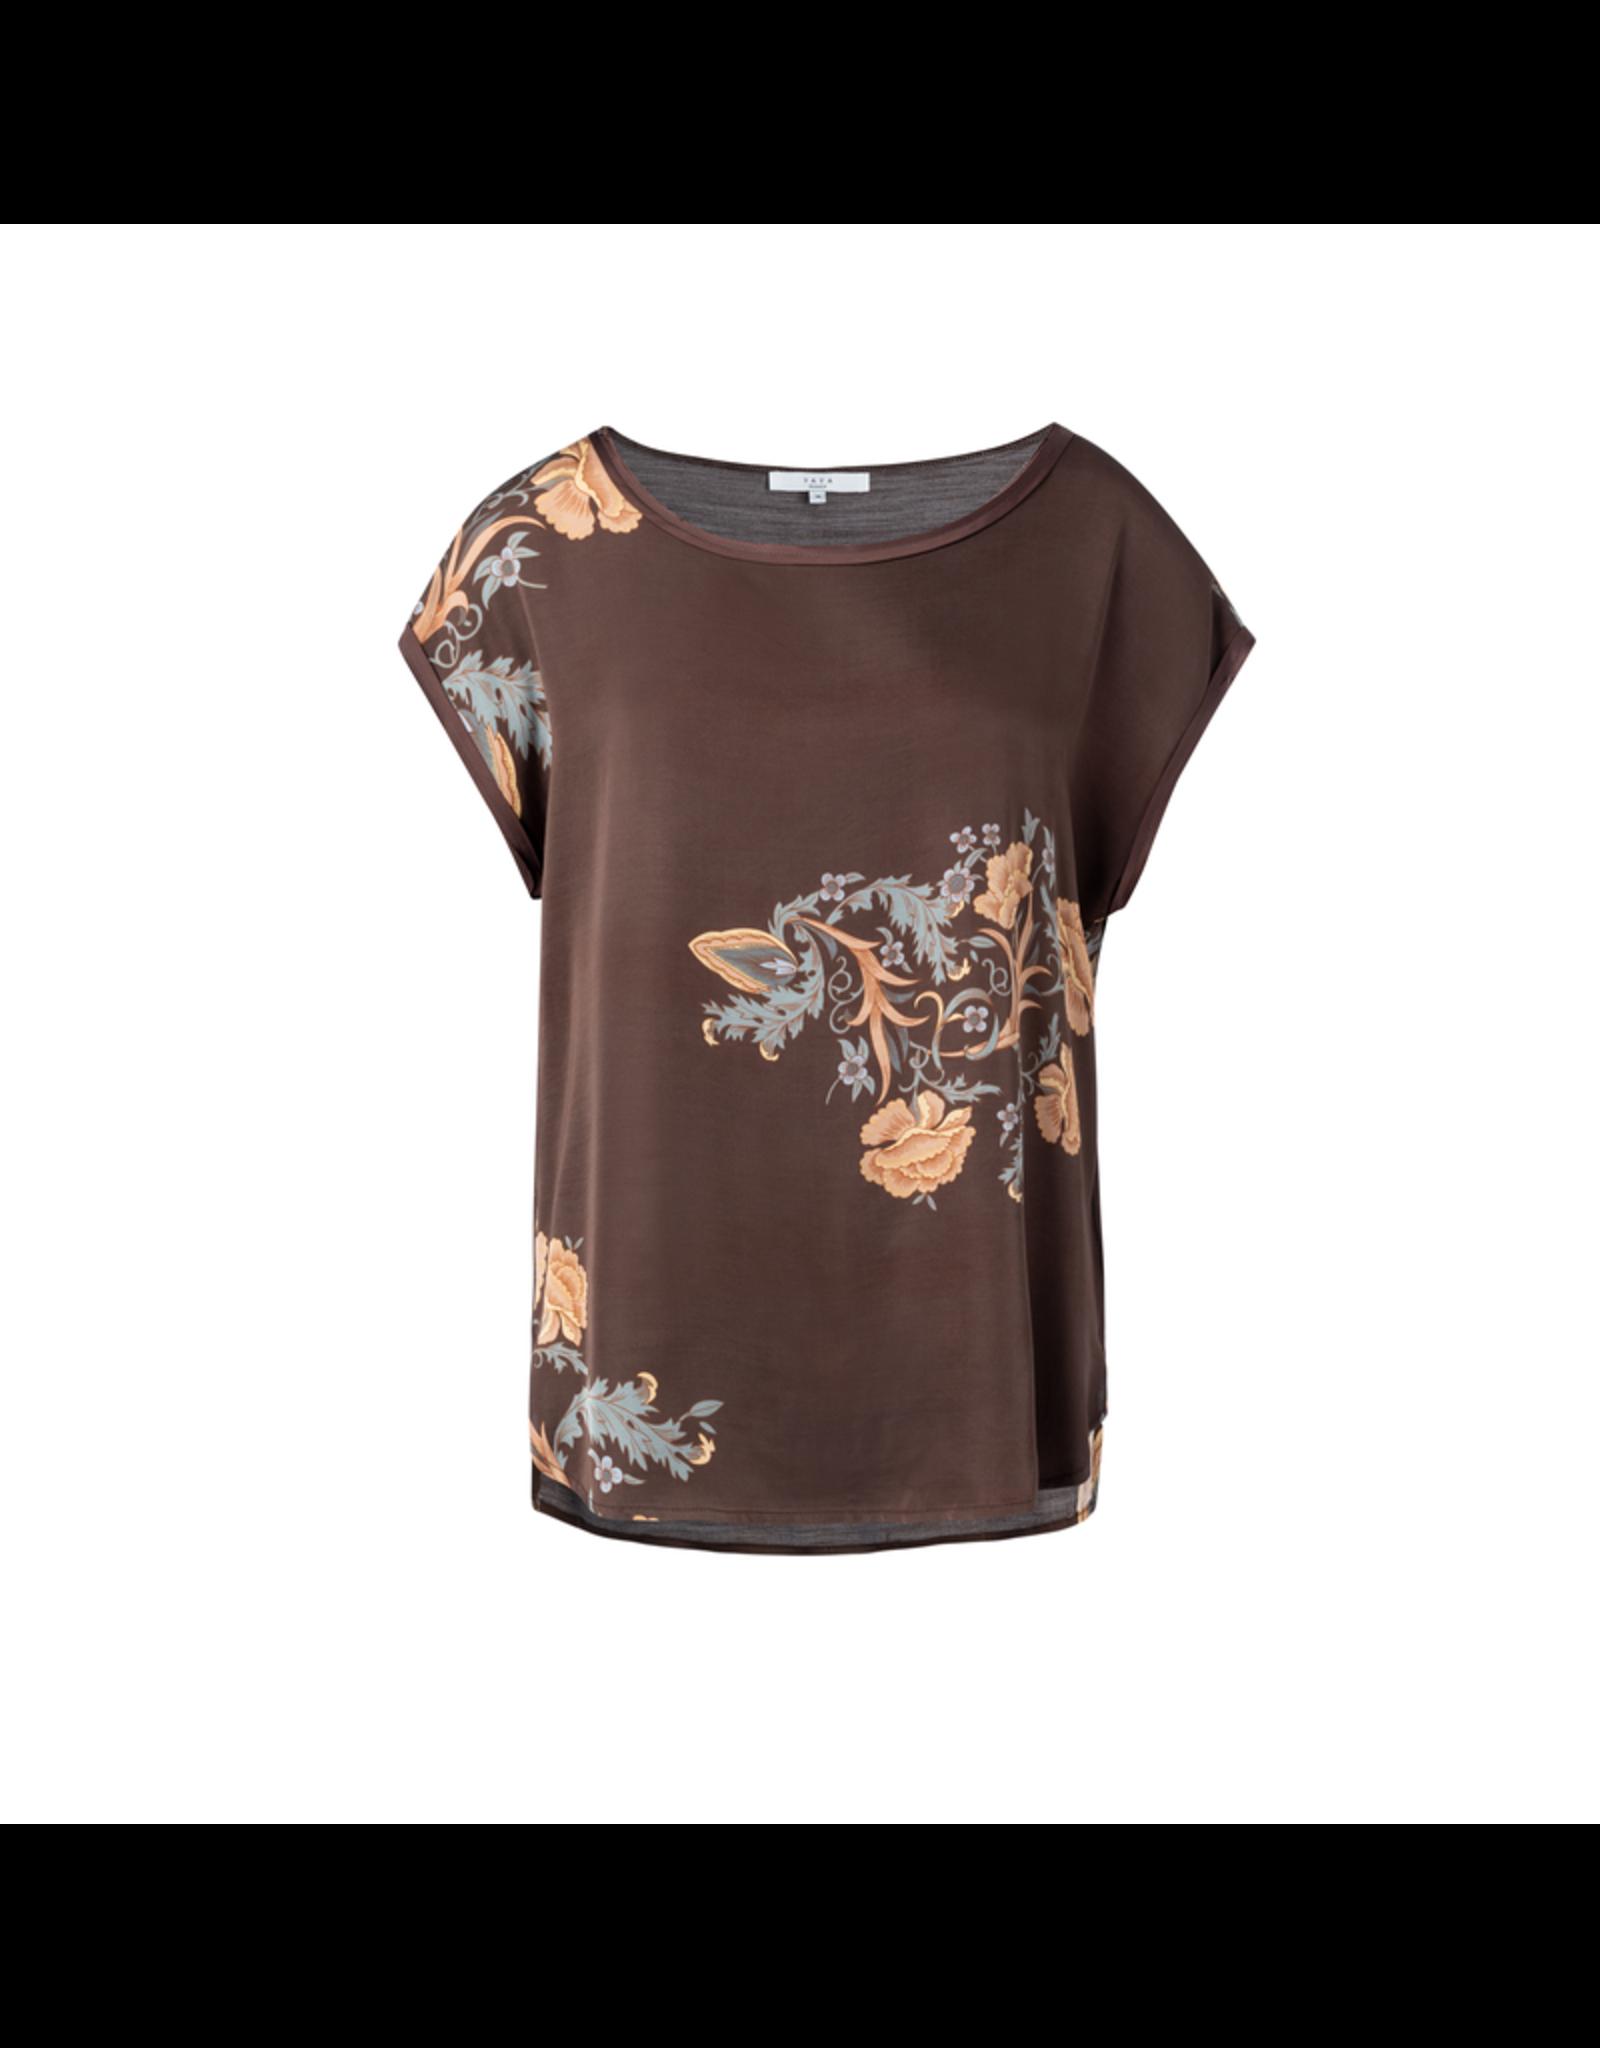 Yaya YAYA Round neck T-shirt with print brown chocolate